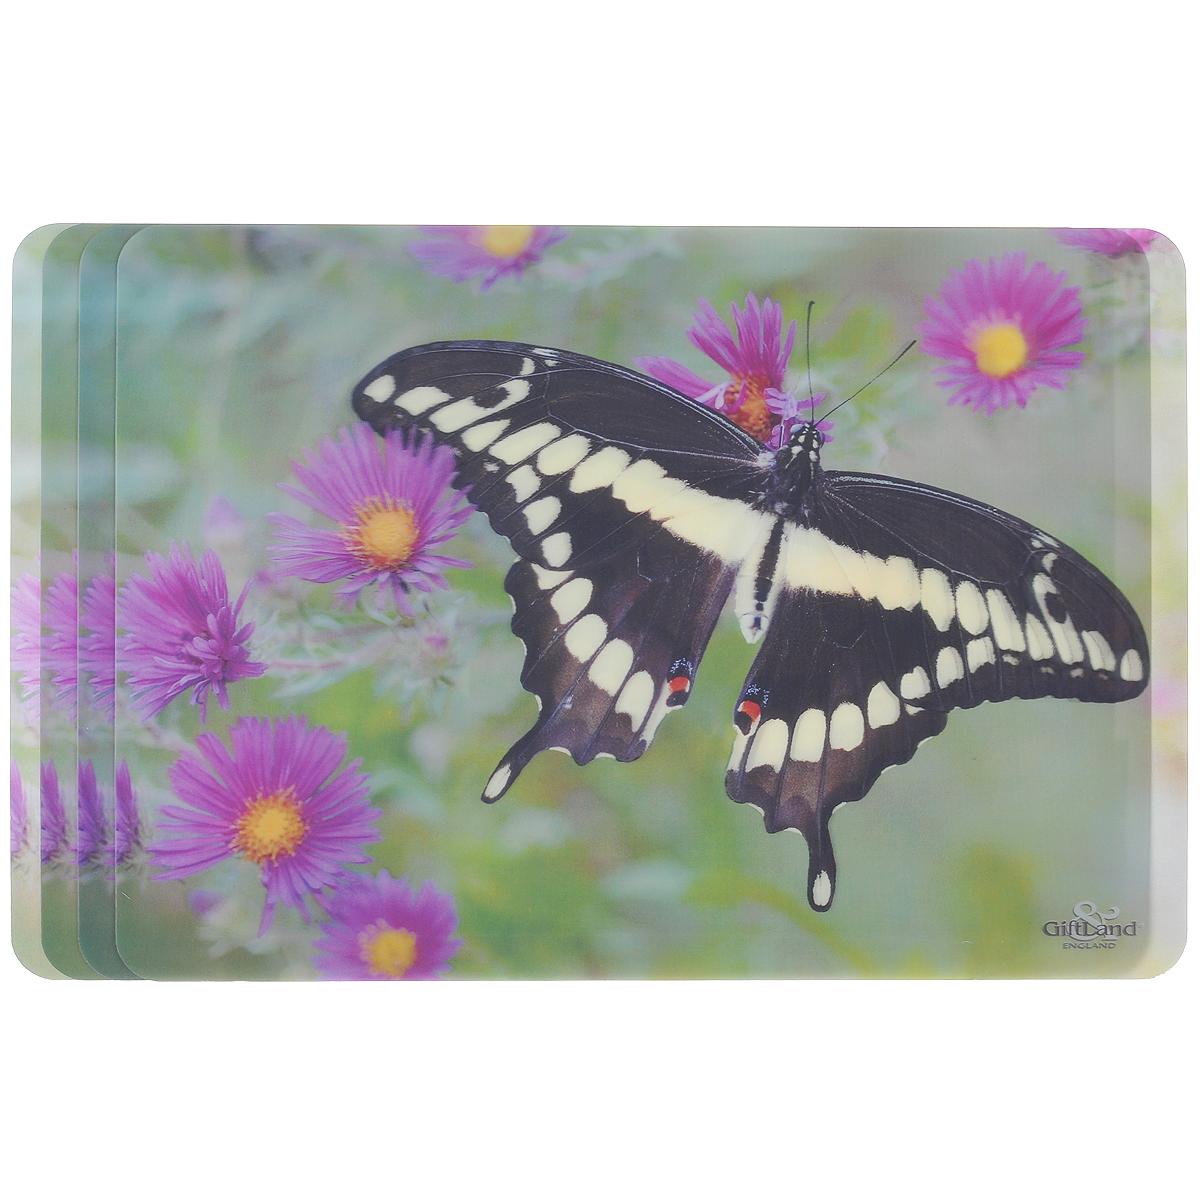 Набор сервировочных салфеток 3D GiftLand Черная бабочка, 34,5 см х 24,5 см, 4 шт115510Набор GiftLand Черная бабочка, изготовленный из полипропилена, состоит из четырех сервировочных салфеток с эффектом 3D. Такие салфетки - это отличная идея для сервировки! Салфетки декорированы ярким объемным изображением бабочки и цветов. Изделия защищают поверхность стола от воздействия температур, влаги и загрязнений, а также украшают интерьер. Могут использоваться для детского творчества (рисования, лепки из пластилина) в качестве защитного покрытия, подставки под вазы, кухонные приборы.Размер салфетки: 34,5 см х 24,5 см.